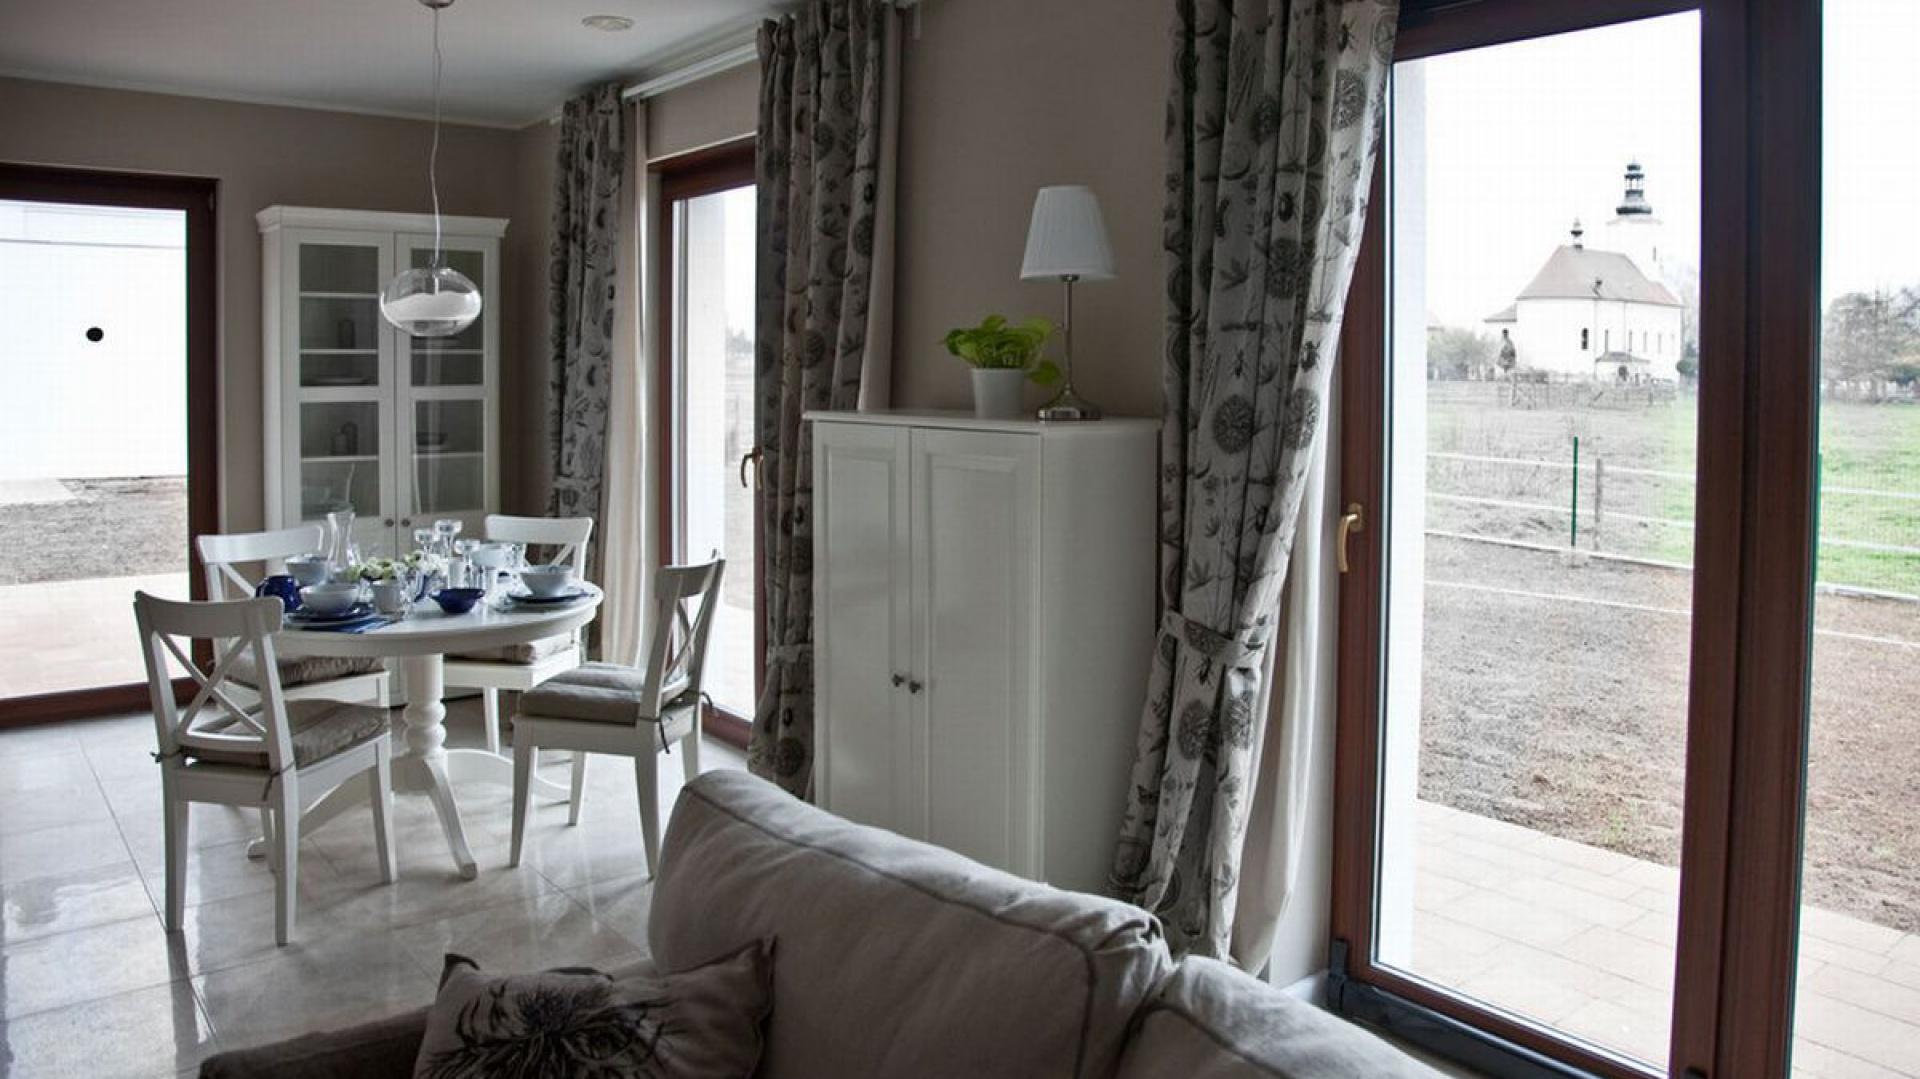 Szara kanapa i zasłony w podobnych odcieniach oraz naturalnie drewniana stolarka okienna są niezwykłą ozdobą wnętrza. Fot. Spółka Śląski Dom